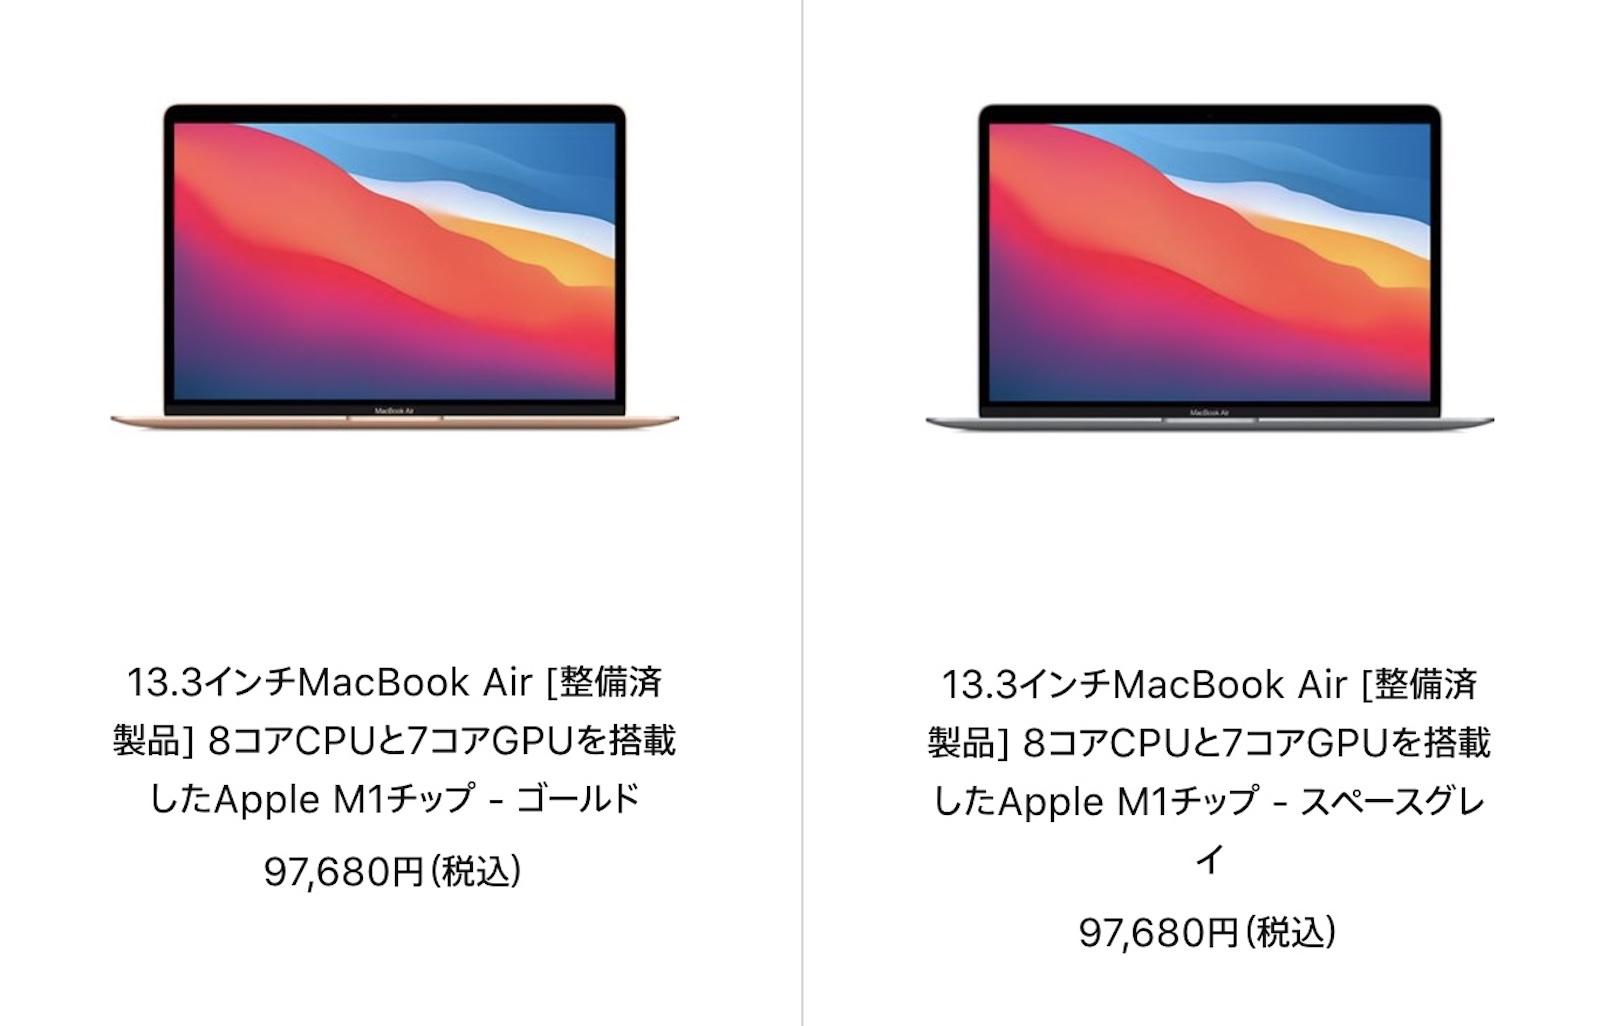 m1-macbookair-refurbished.jpg